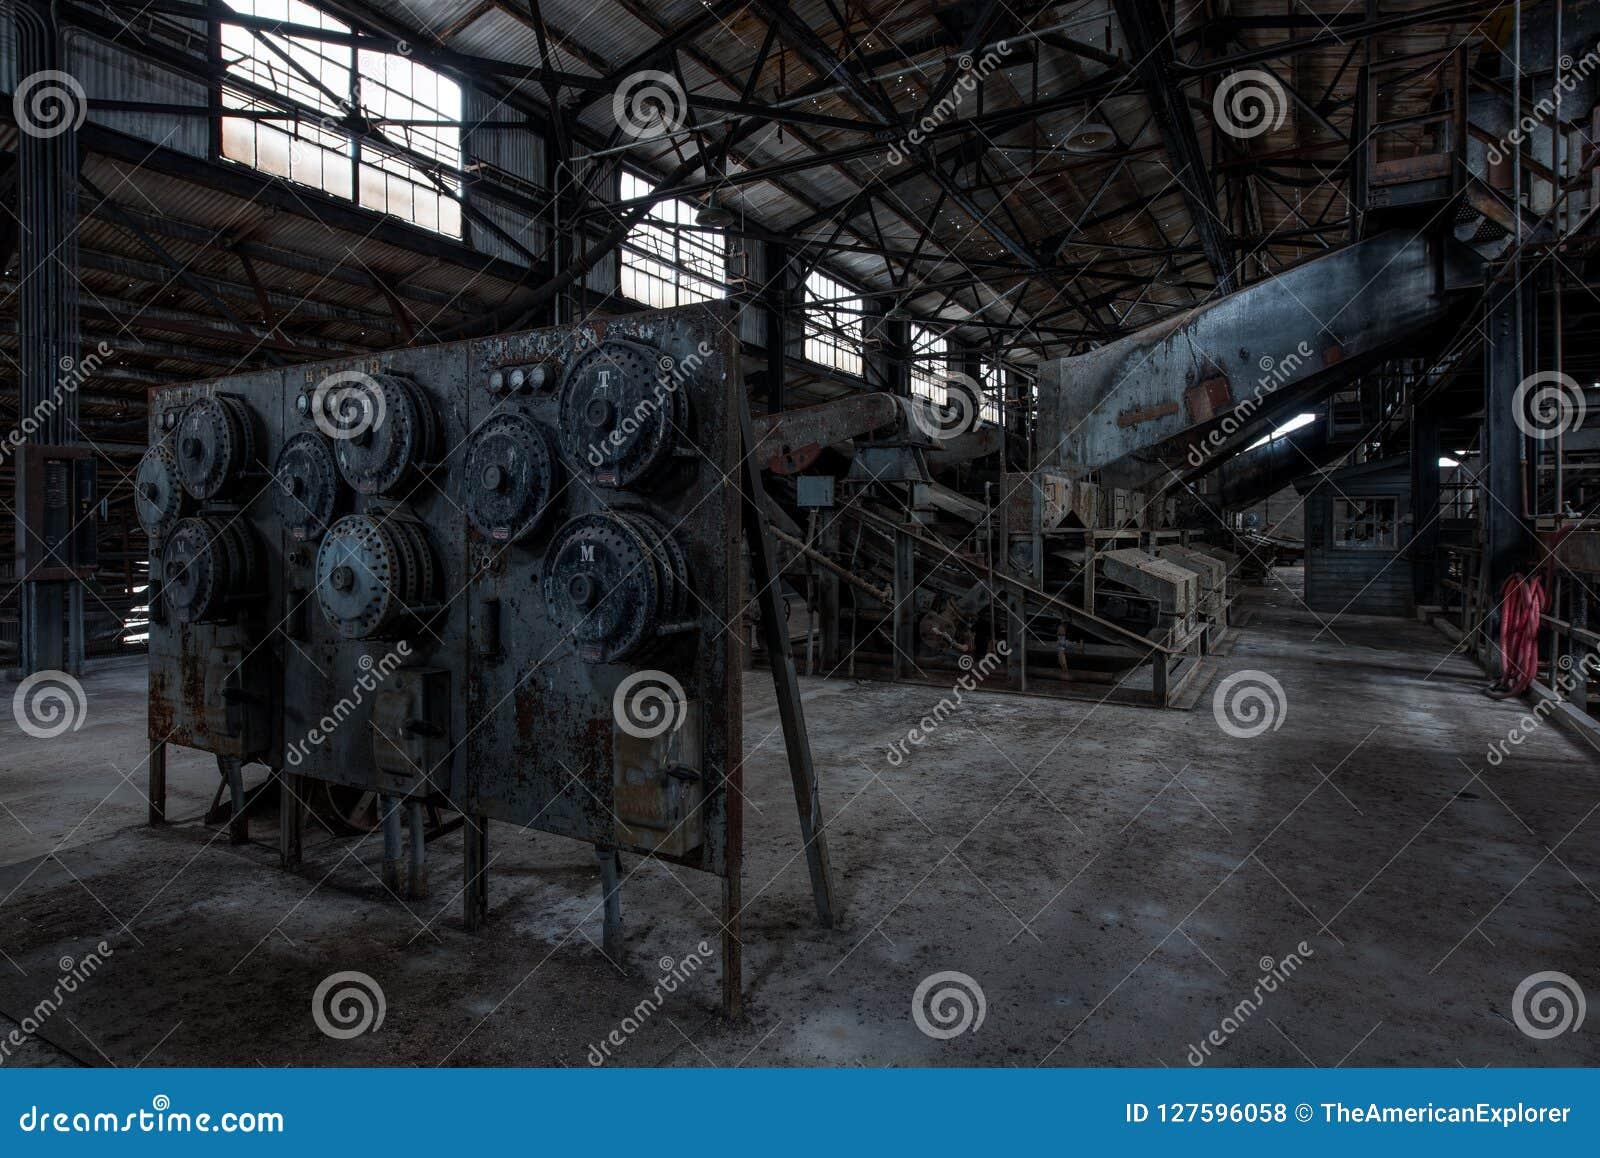 Βιομηχανικός εξοπλισμός - επιχείρηση αριθ. κρατικού σιδήρου κόλπων 7 ορυχείο - βουνά Adirondack, Νέα Υόρκη